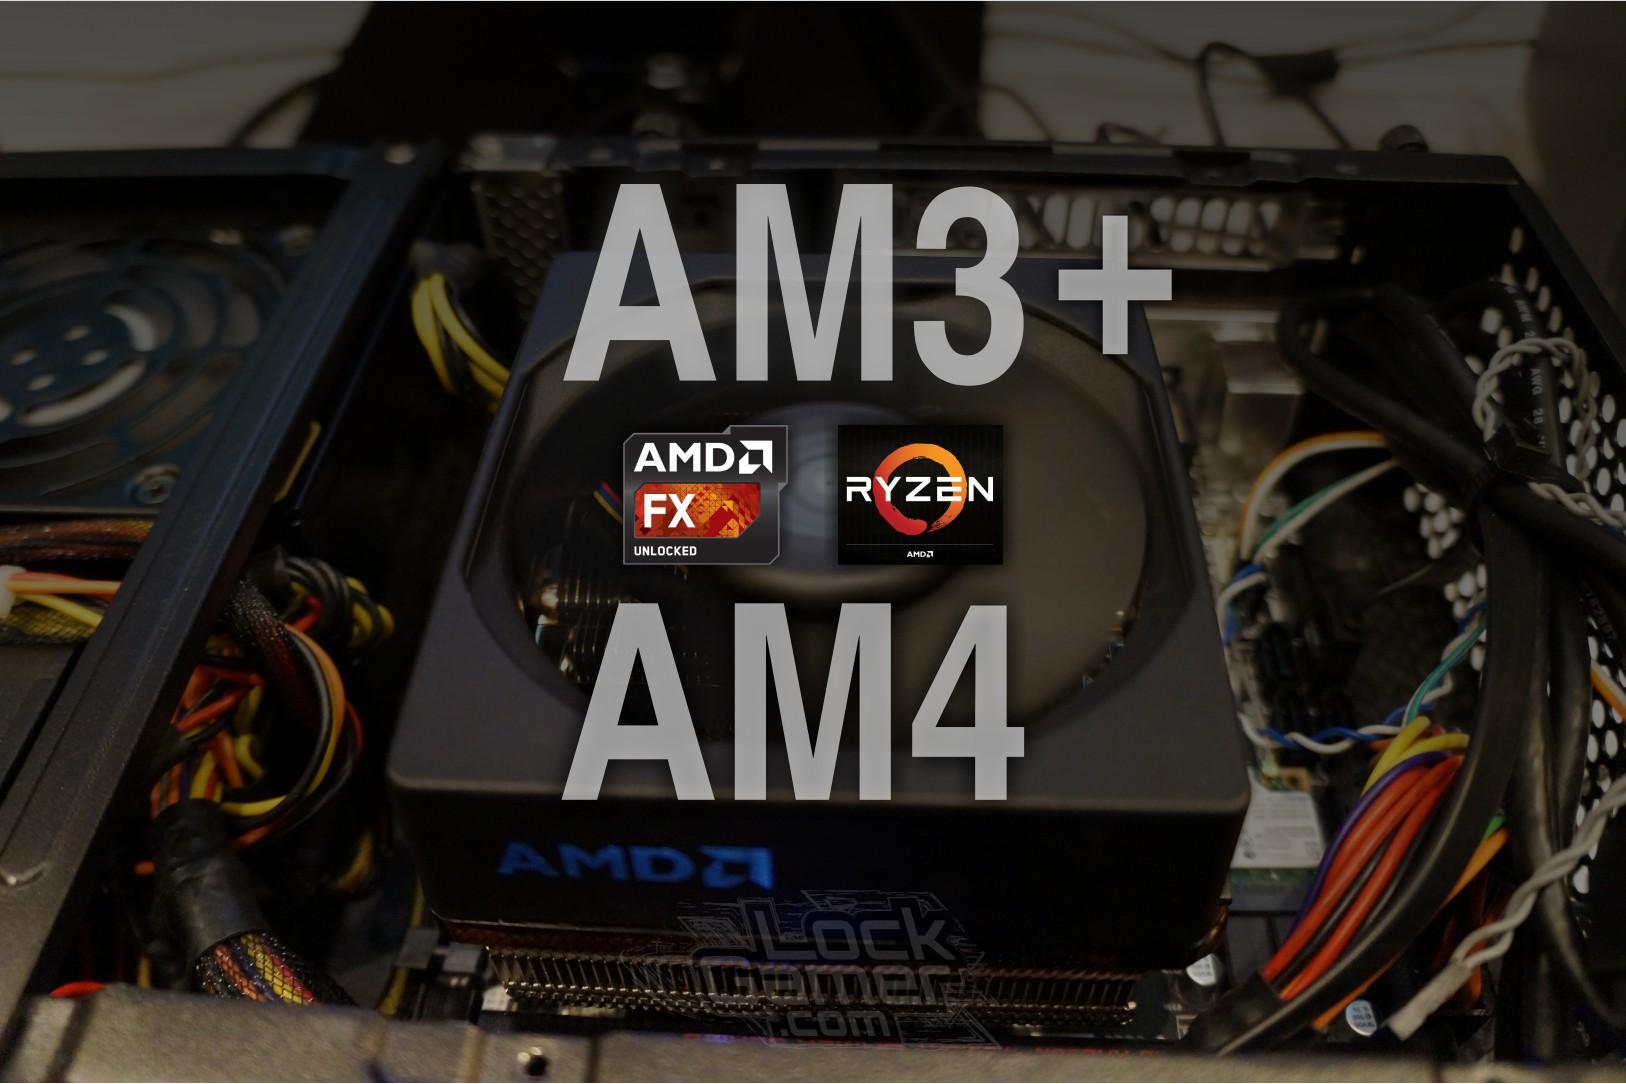 Coolers AMD AM3+ para FX são compatíveis com AM4 para Ryzen?